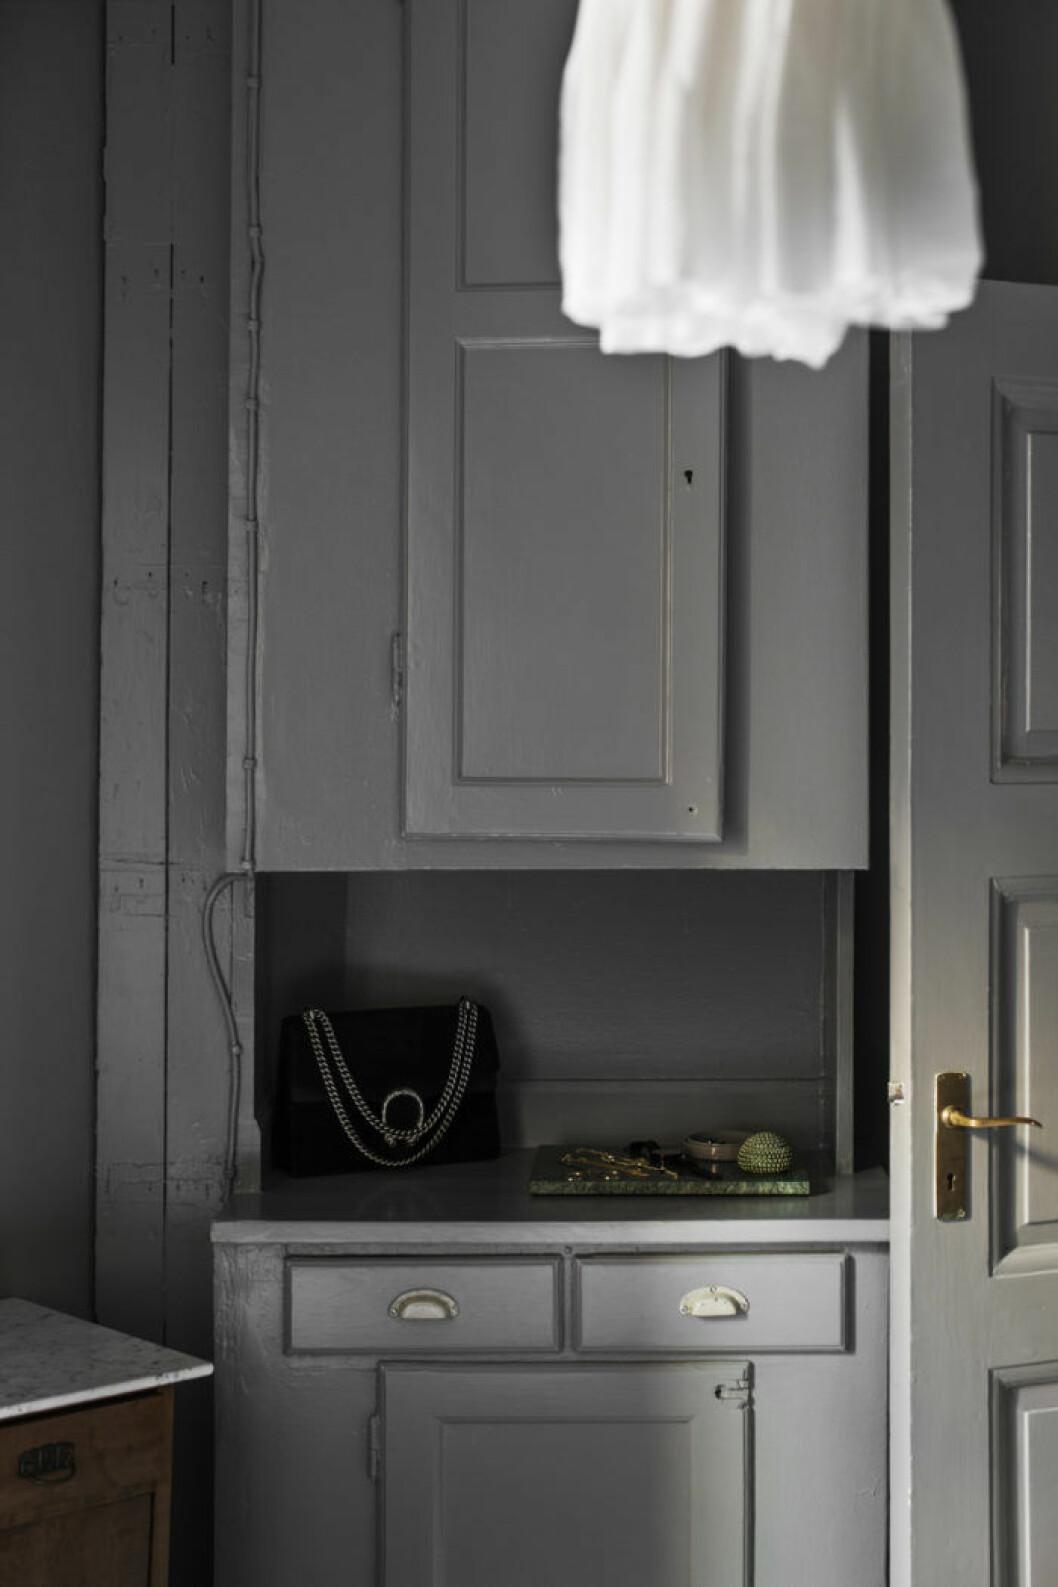 inbyggt köksskåp